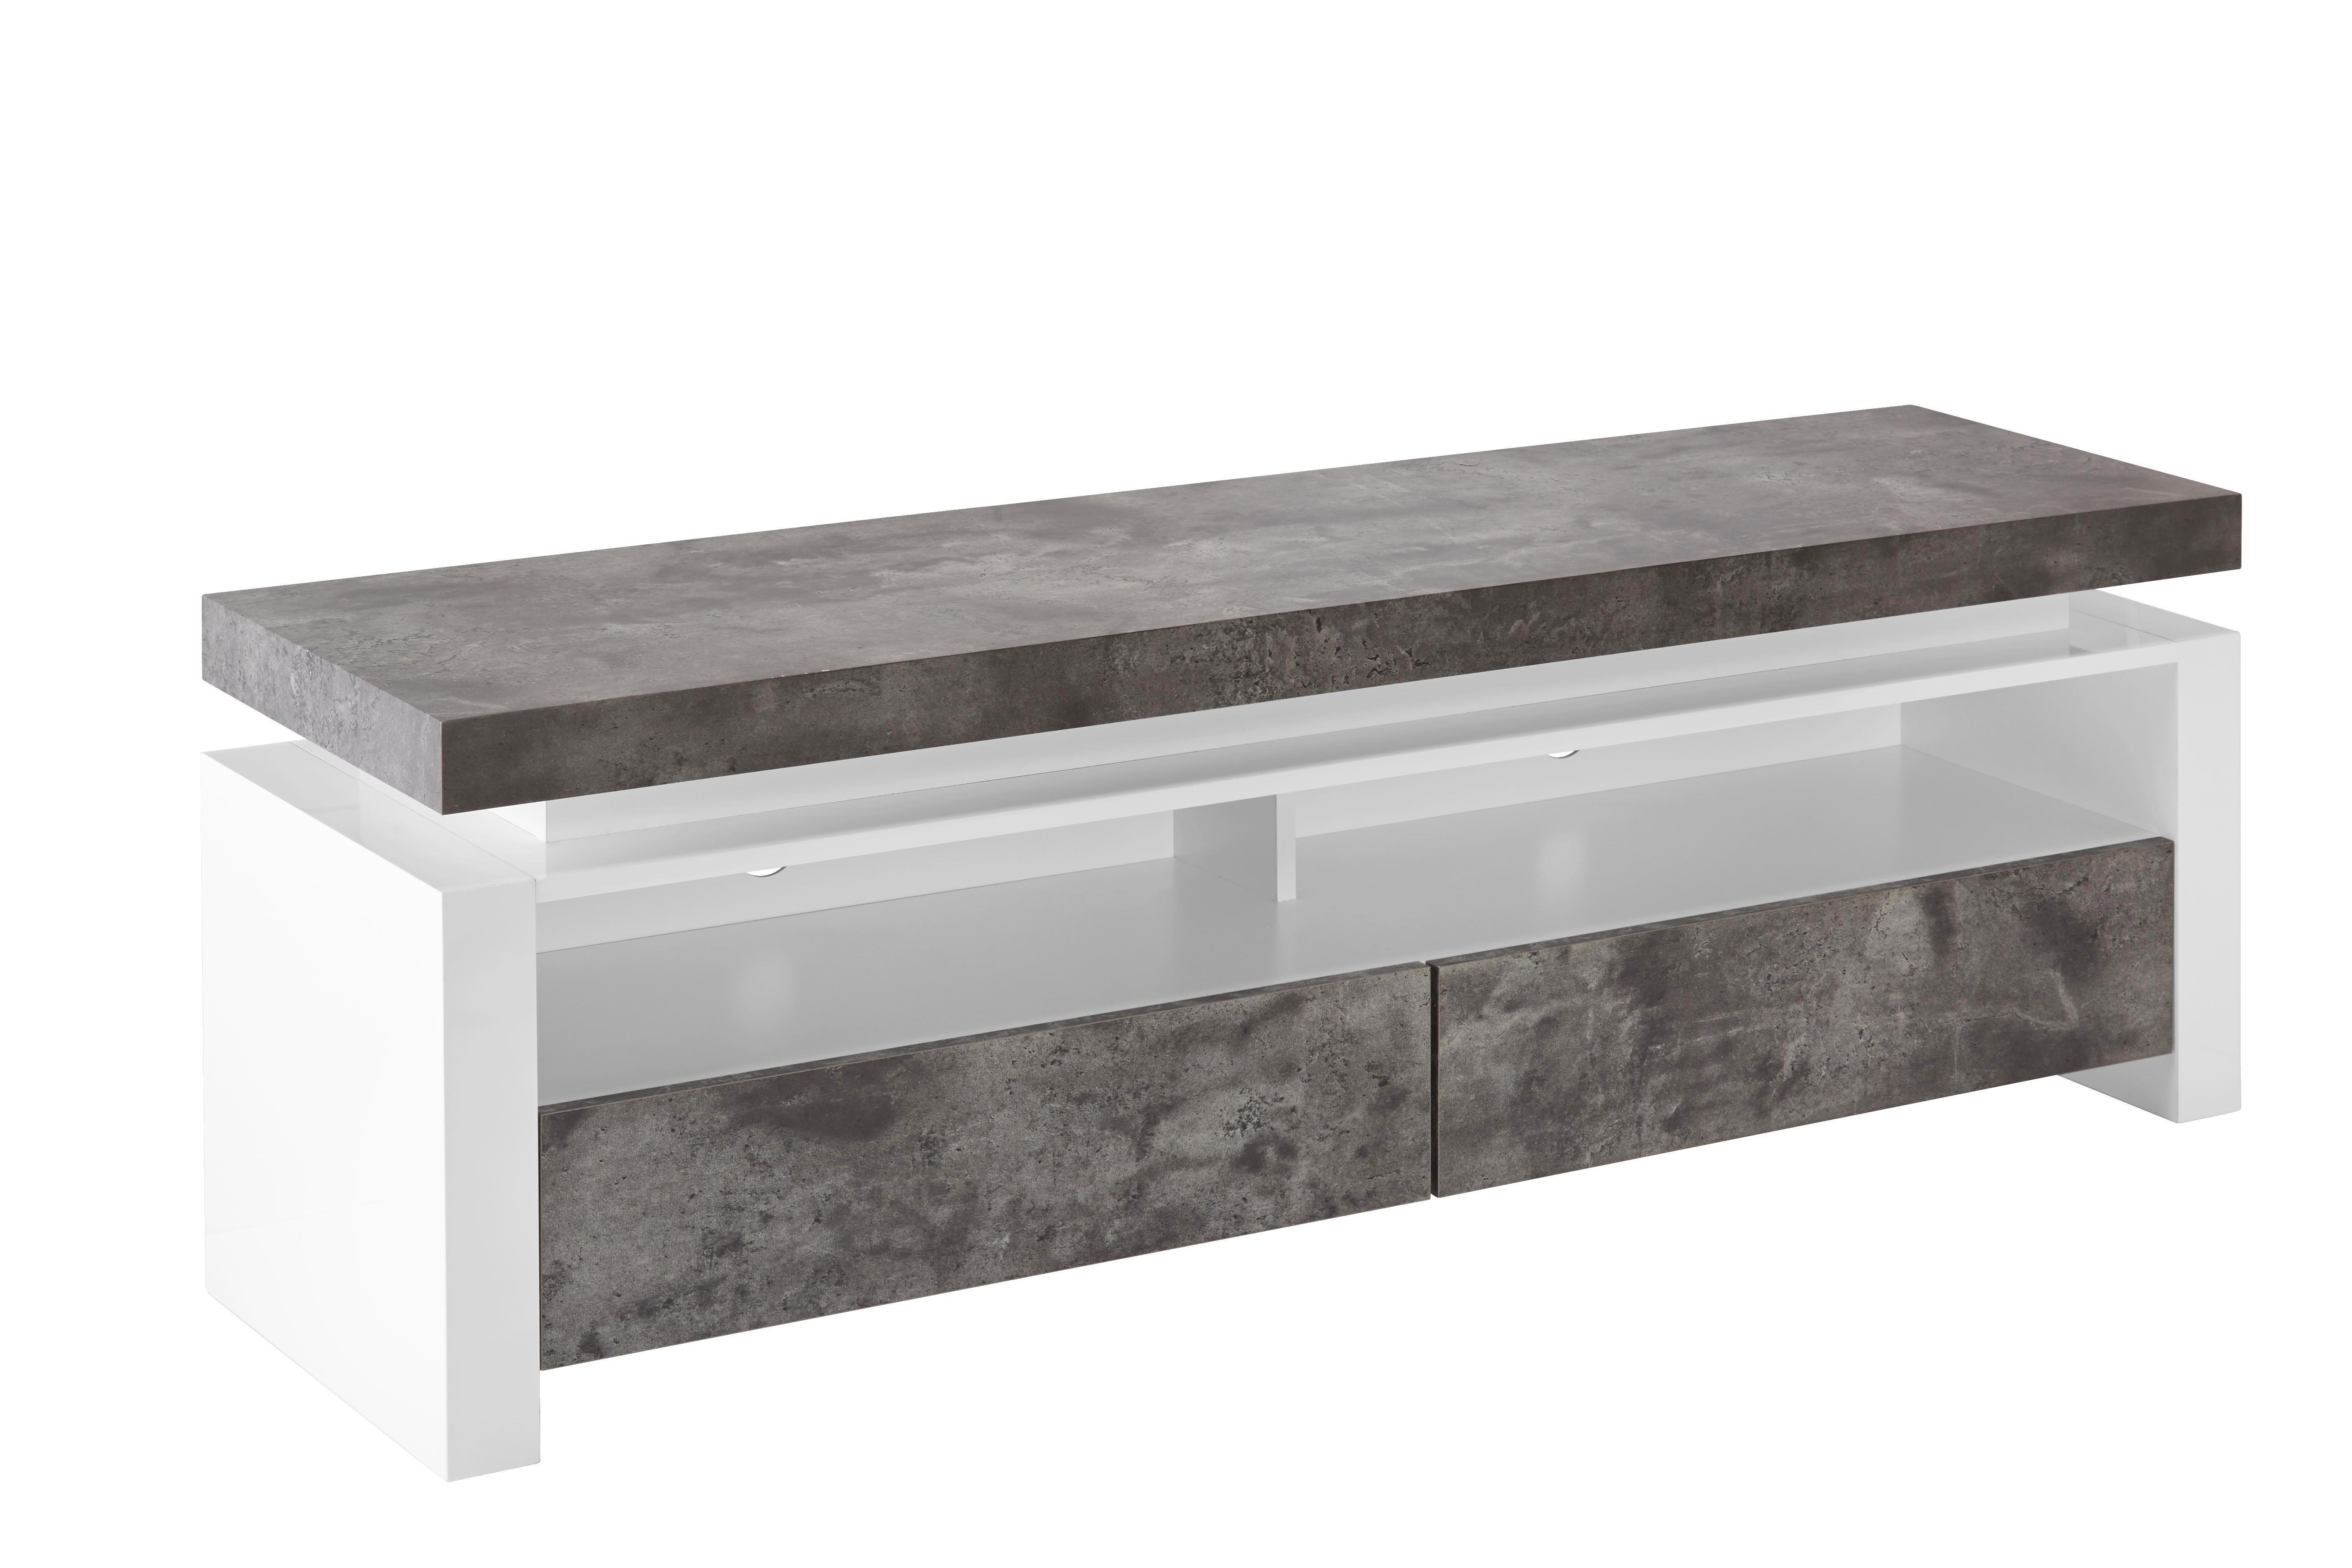 Lowboard in Grau/Weiß - Weiß/Grau, MODERN, Holzwerkstoff (140/49/40cm) - MÖMAX modern living